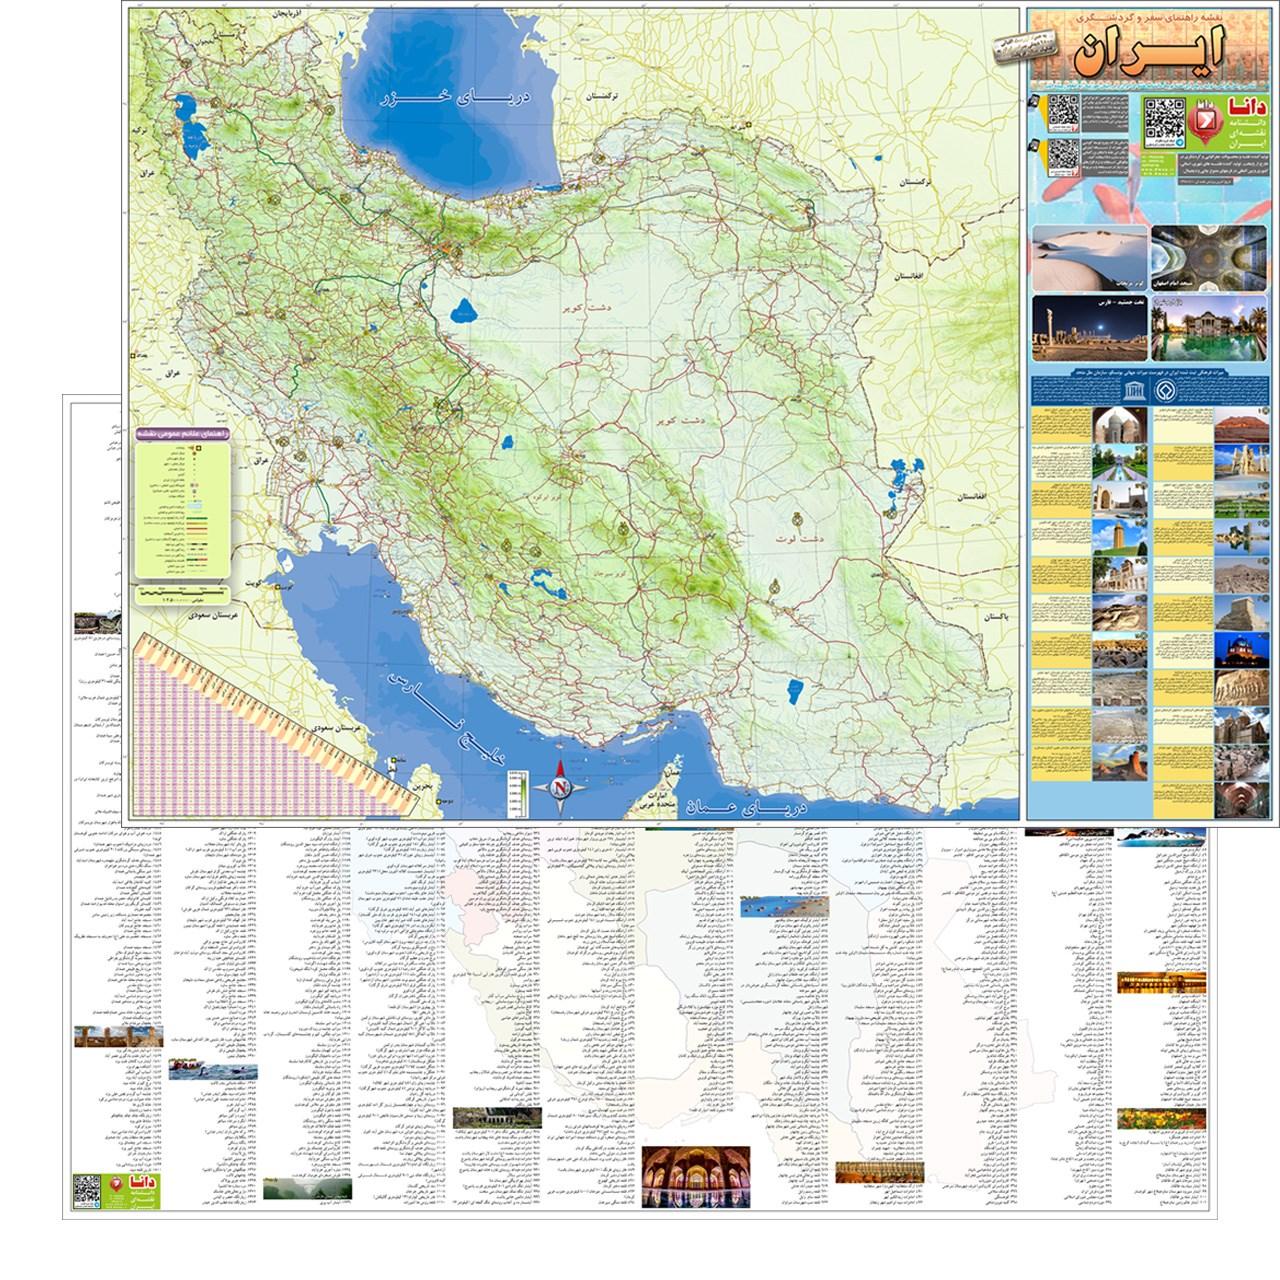 نقشه گردشگری و میراث جهانی ایران یونسکو طراحی دانا